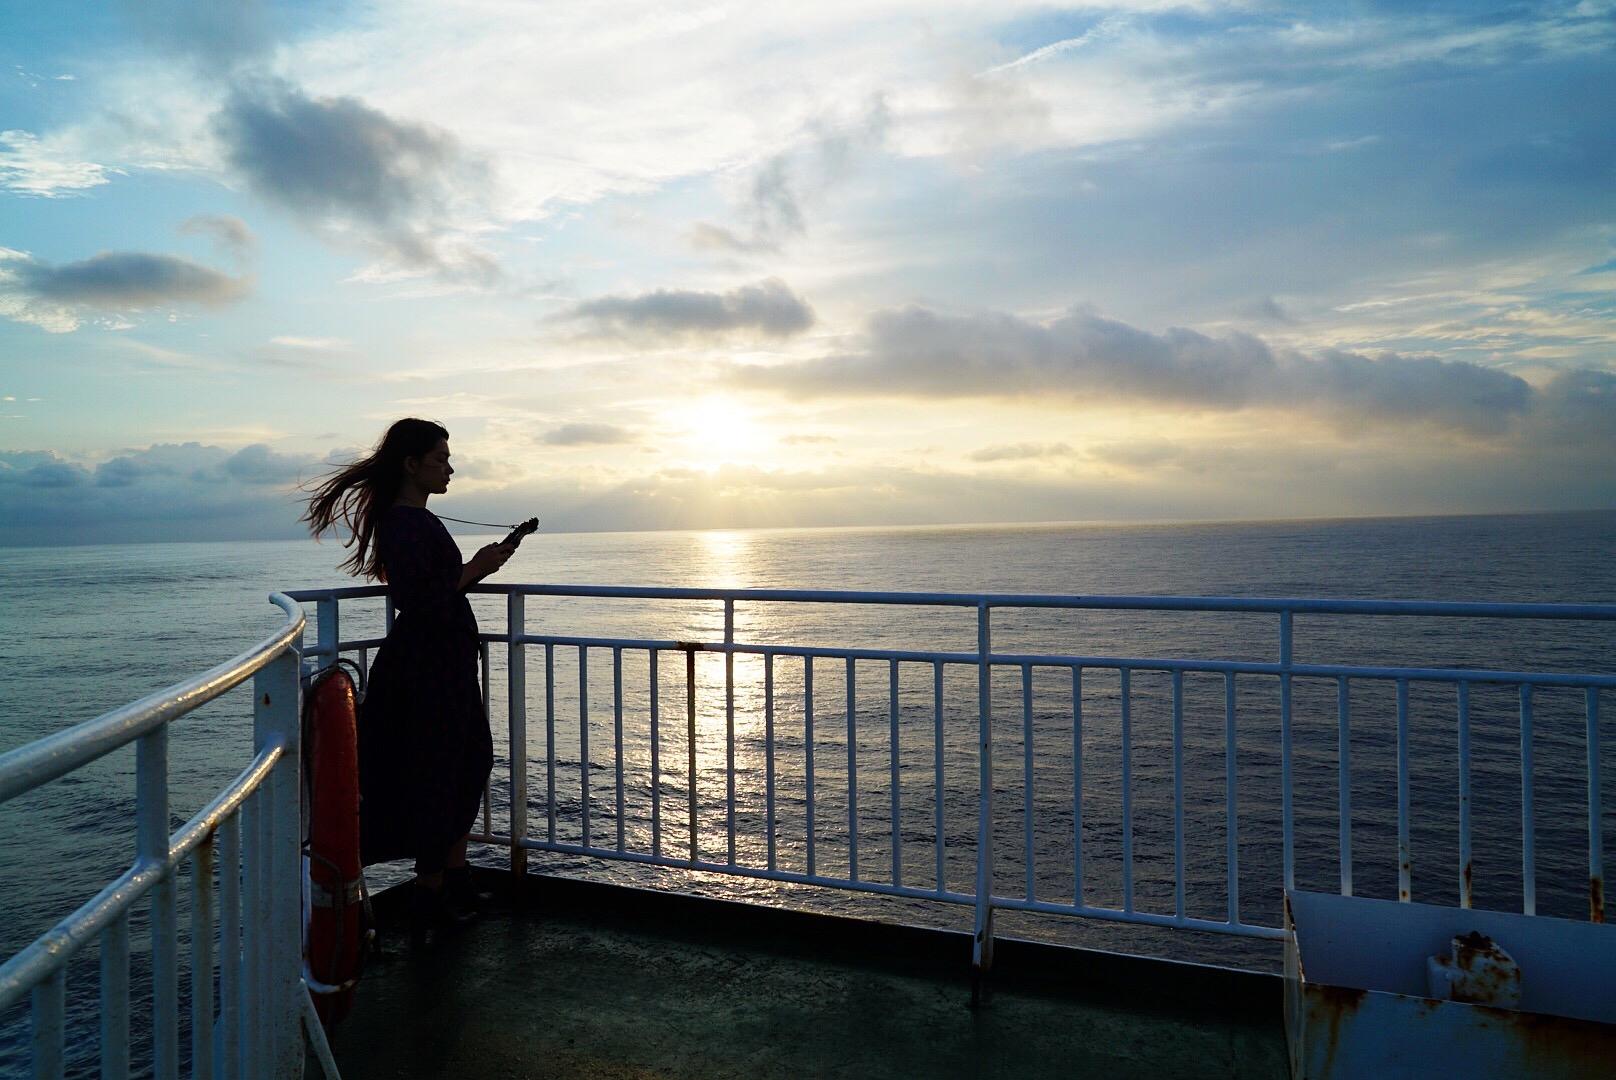 【まとめ】大阪-九州 さんふらわあ で快適船旅へ行ってきた